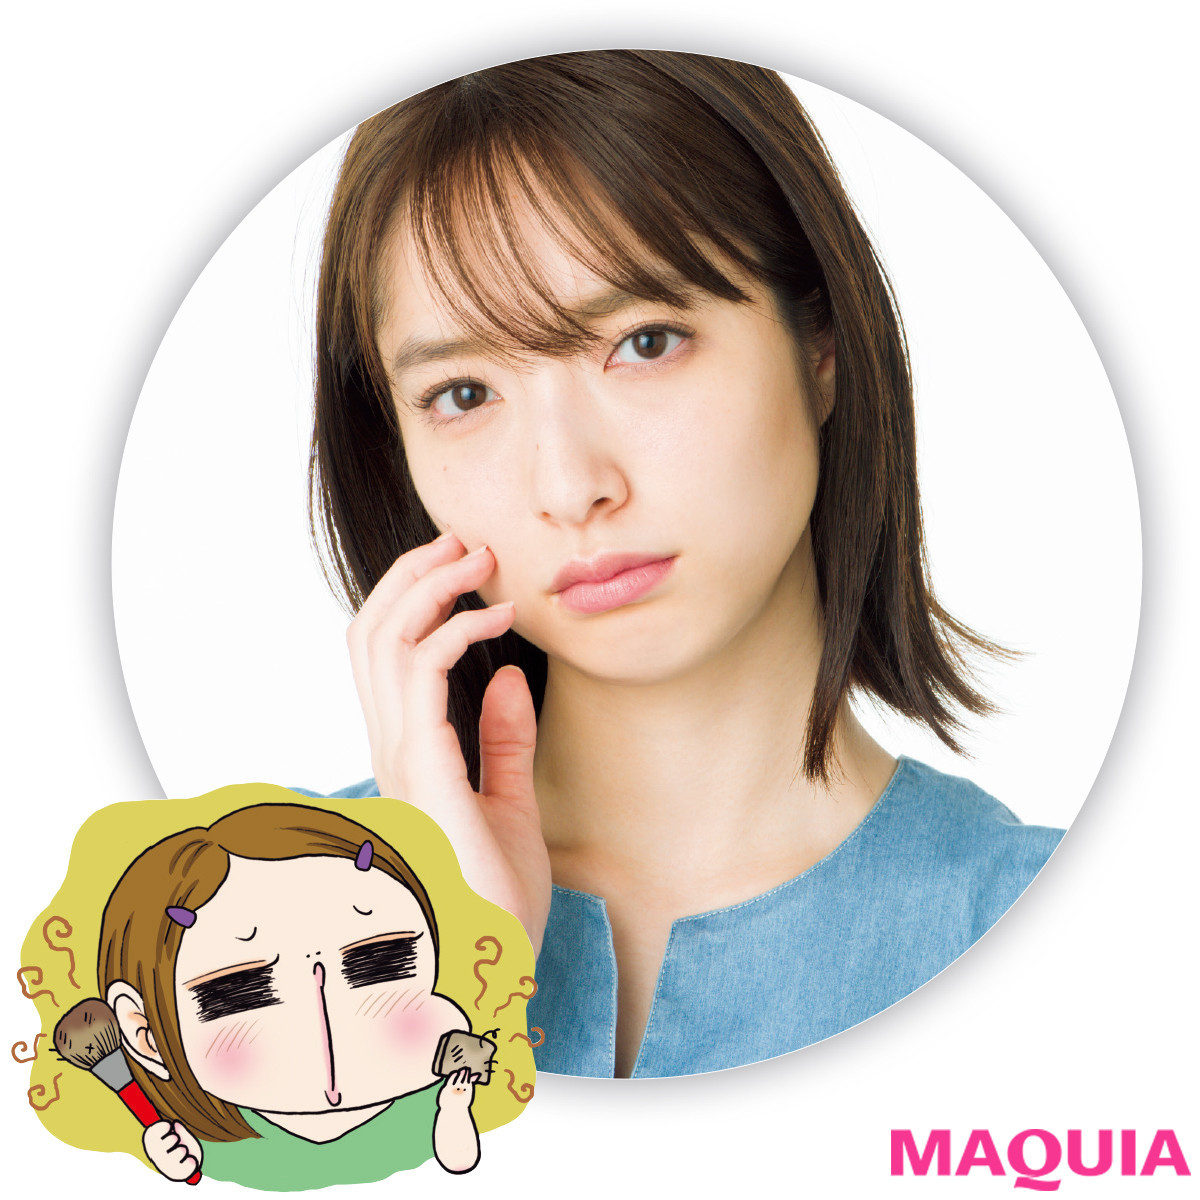 【教えてくれたのはこの方々】トータルビューティアドバイザー 水井真理子さん、皮膚科医 慶田朋子先生